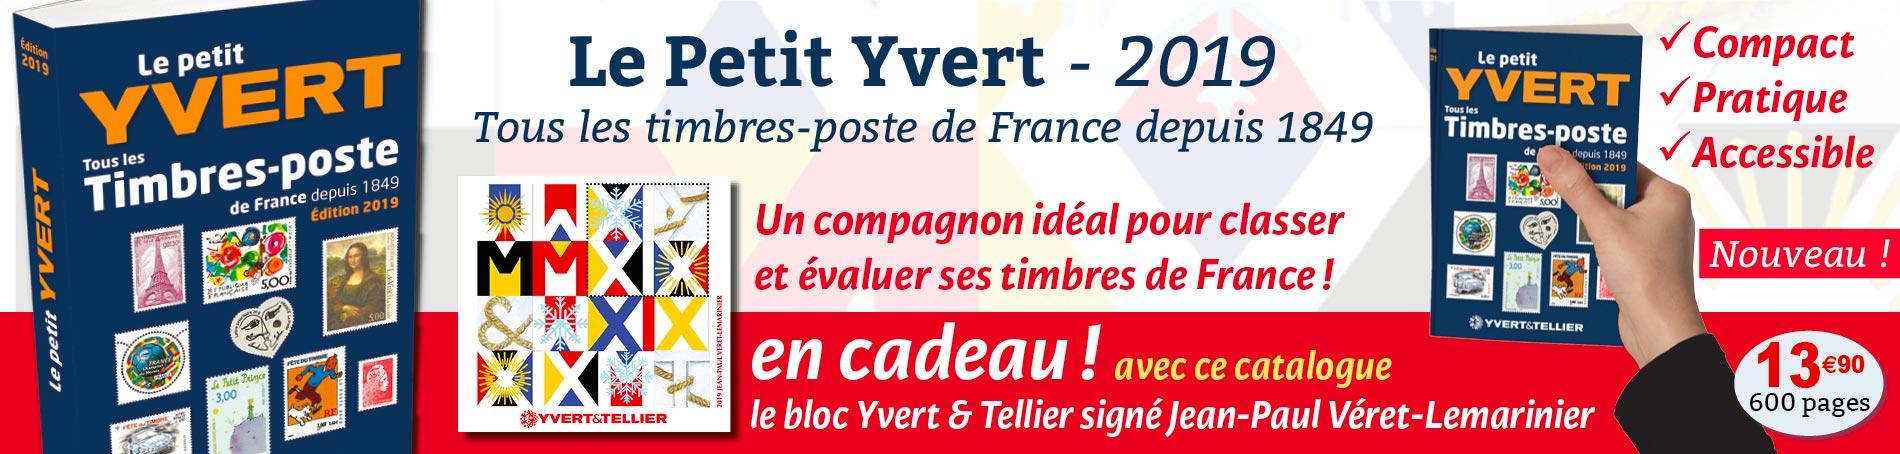 Petit Yvert 2019